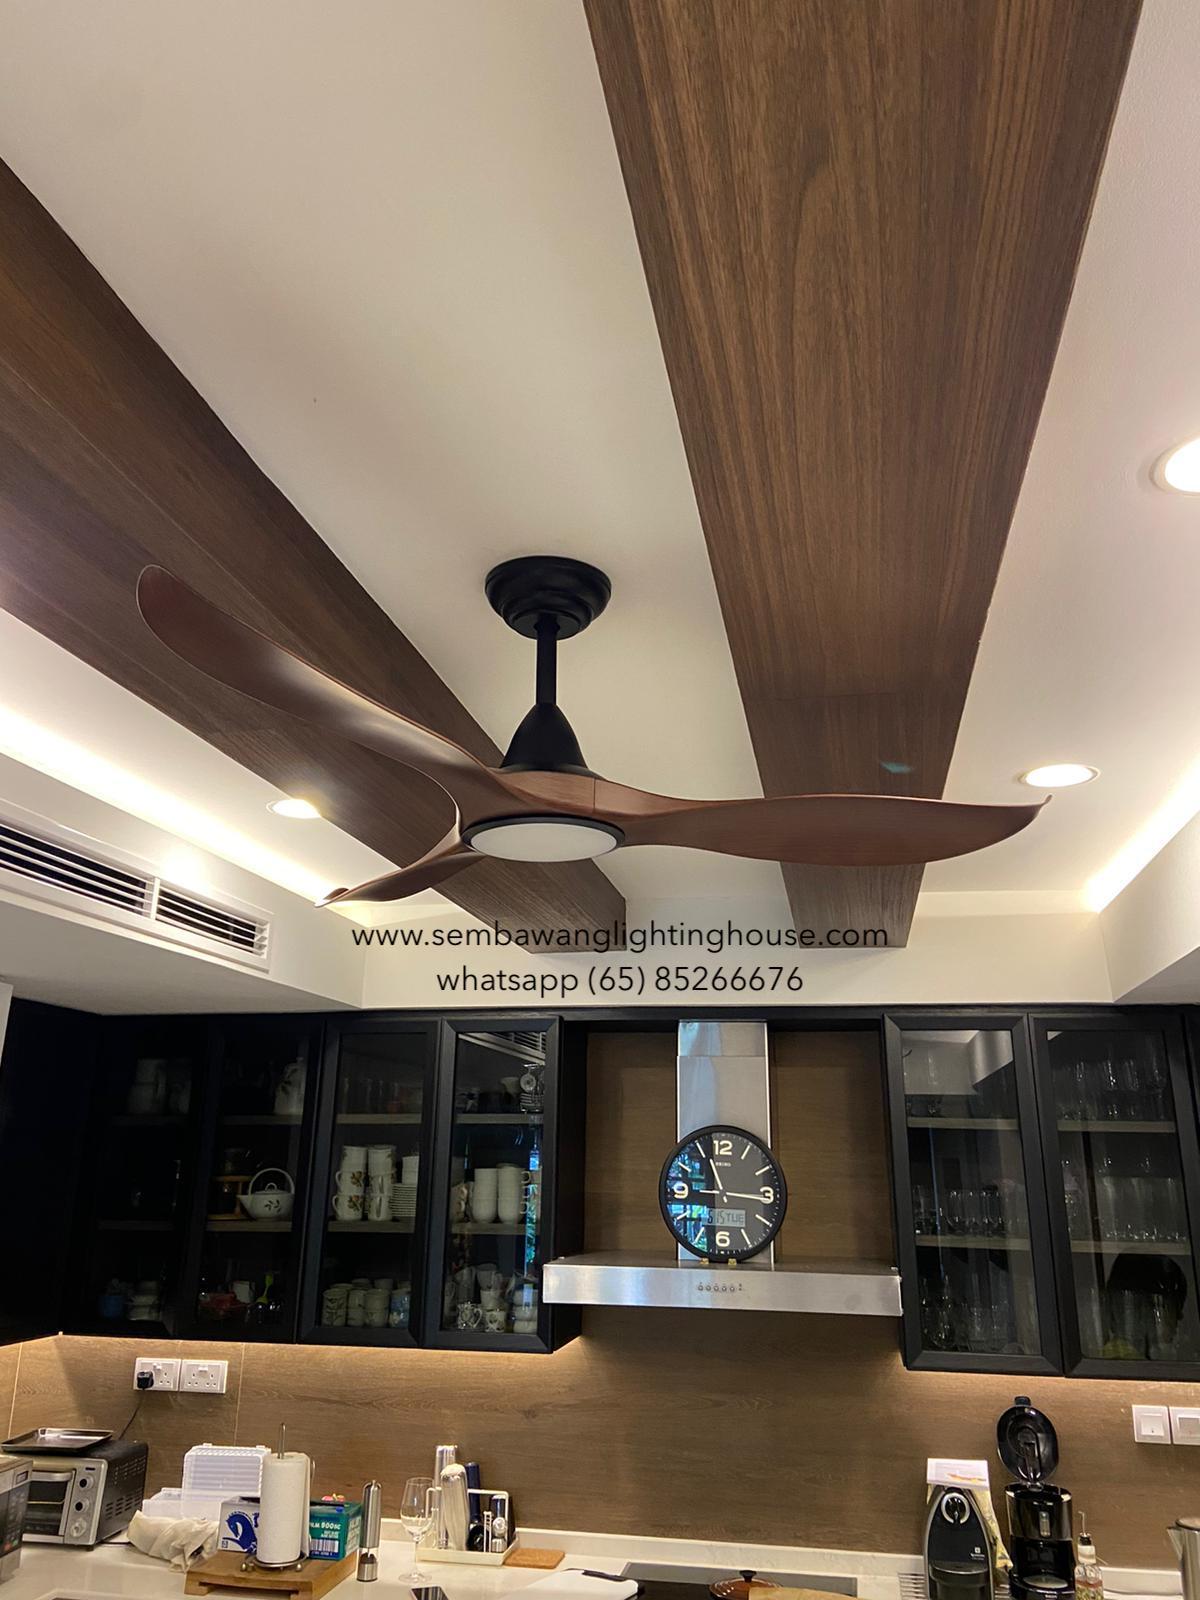 efenz-downrod-ceiling-fan-with-light-black-dutch-cocoa-14.jpeg